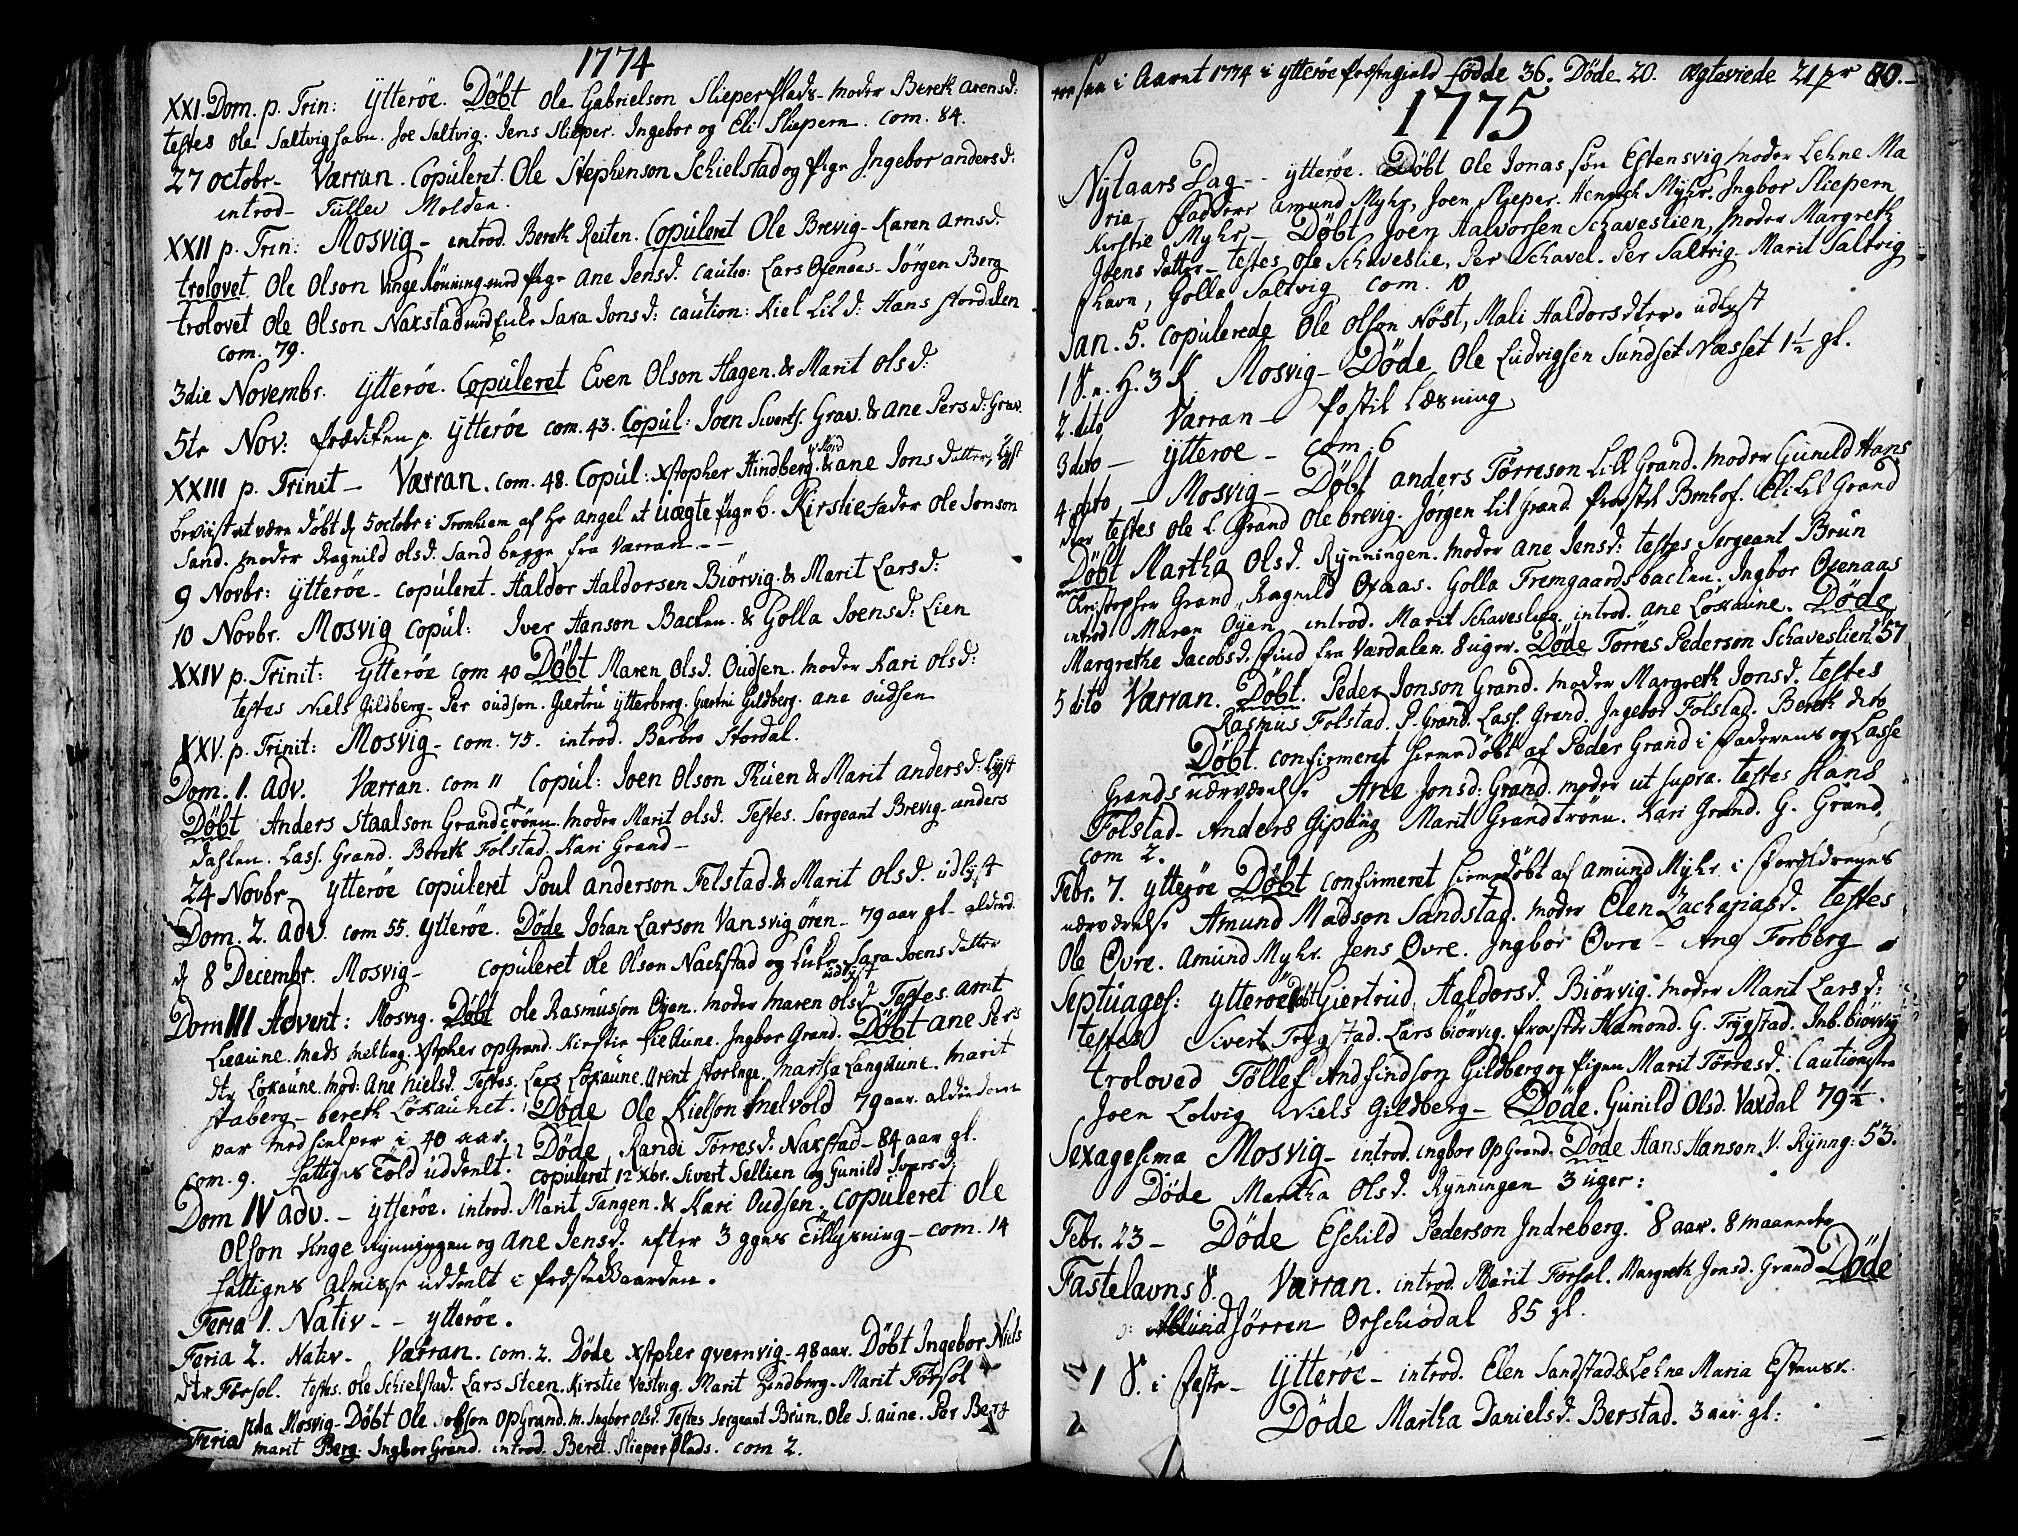 SAT, Ministerialprotokoller, klokkerbøker og fødselsregistre - Nord-Trøndelag, 722/L0216: Ministerialbok nr. 722A03, 1756-1816, s. 80